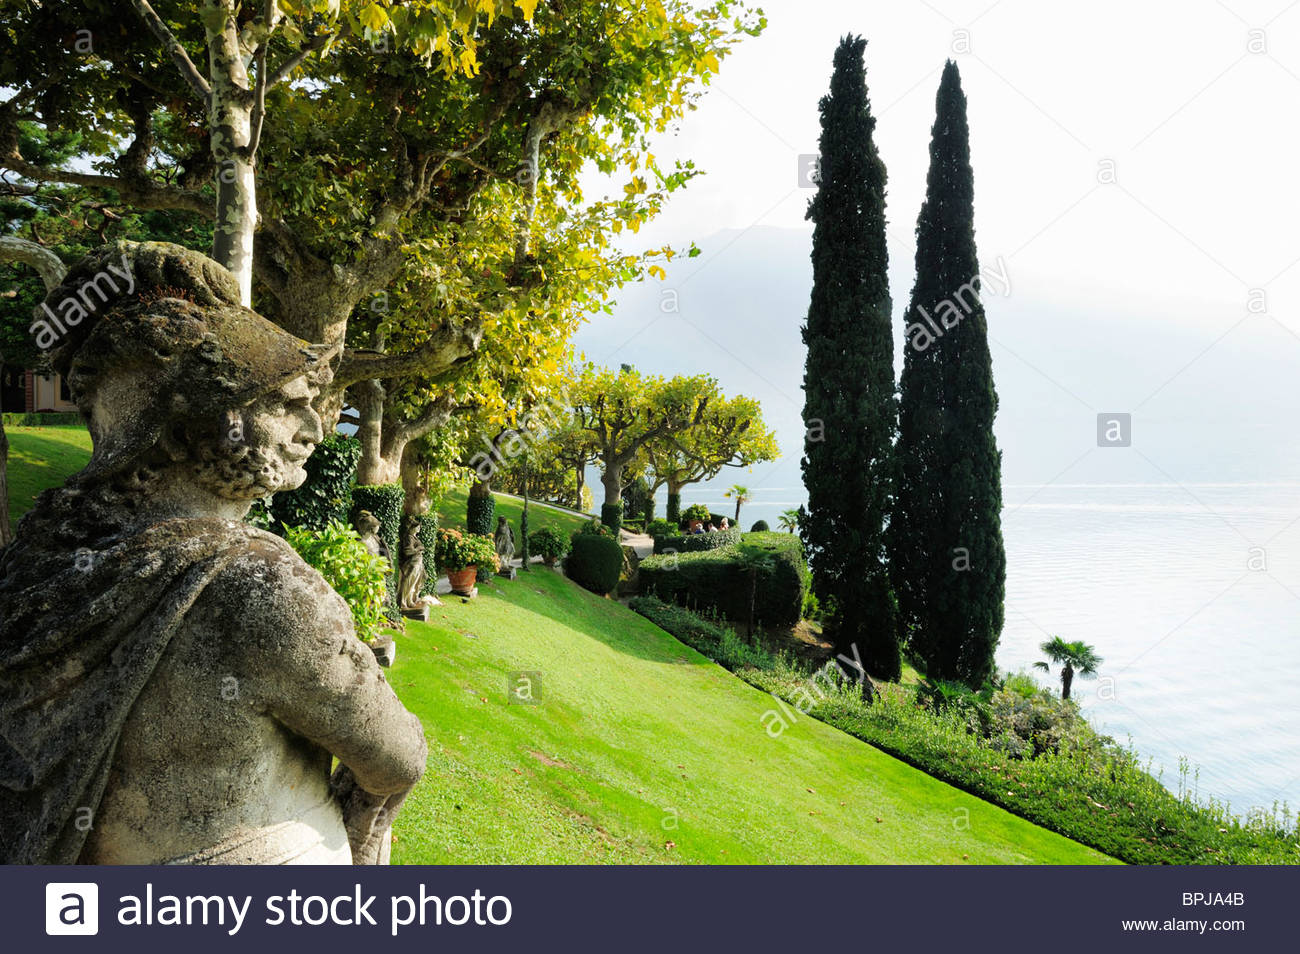 skulpturen und zypressen im park der villa del balbianello lenno er see lombardei italien bpja4b